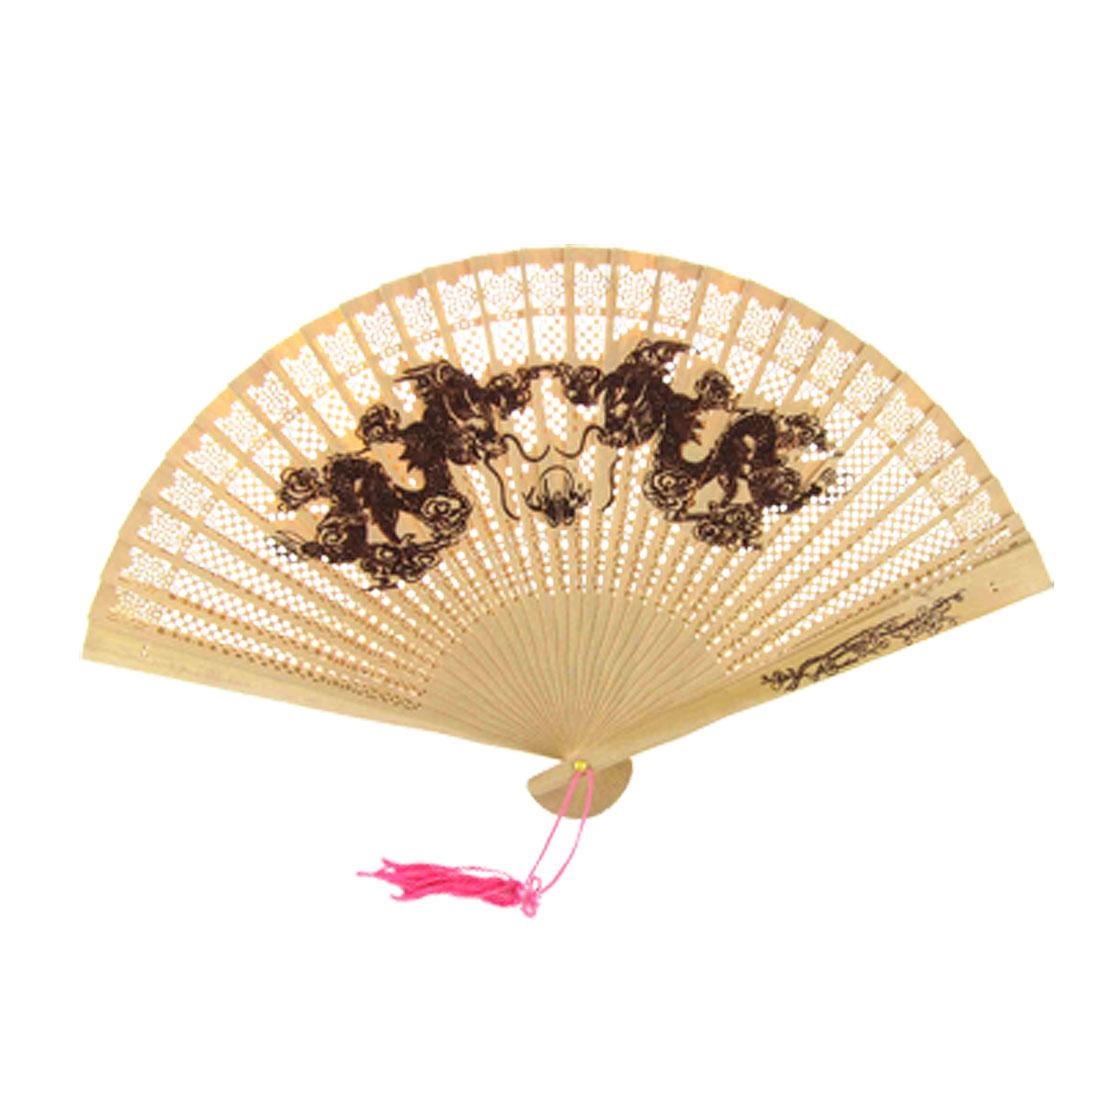 Wooden Carved Double Dragon Folding Fan w Pink Tassel